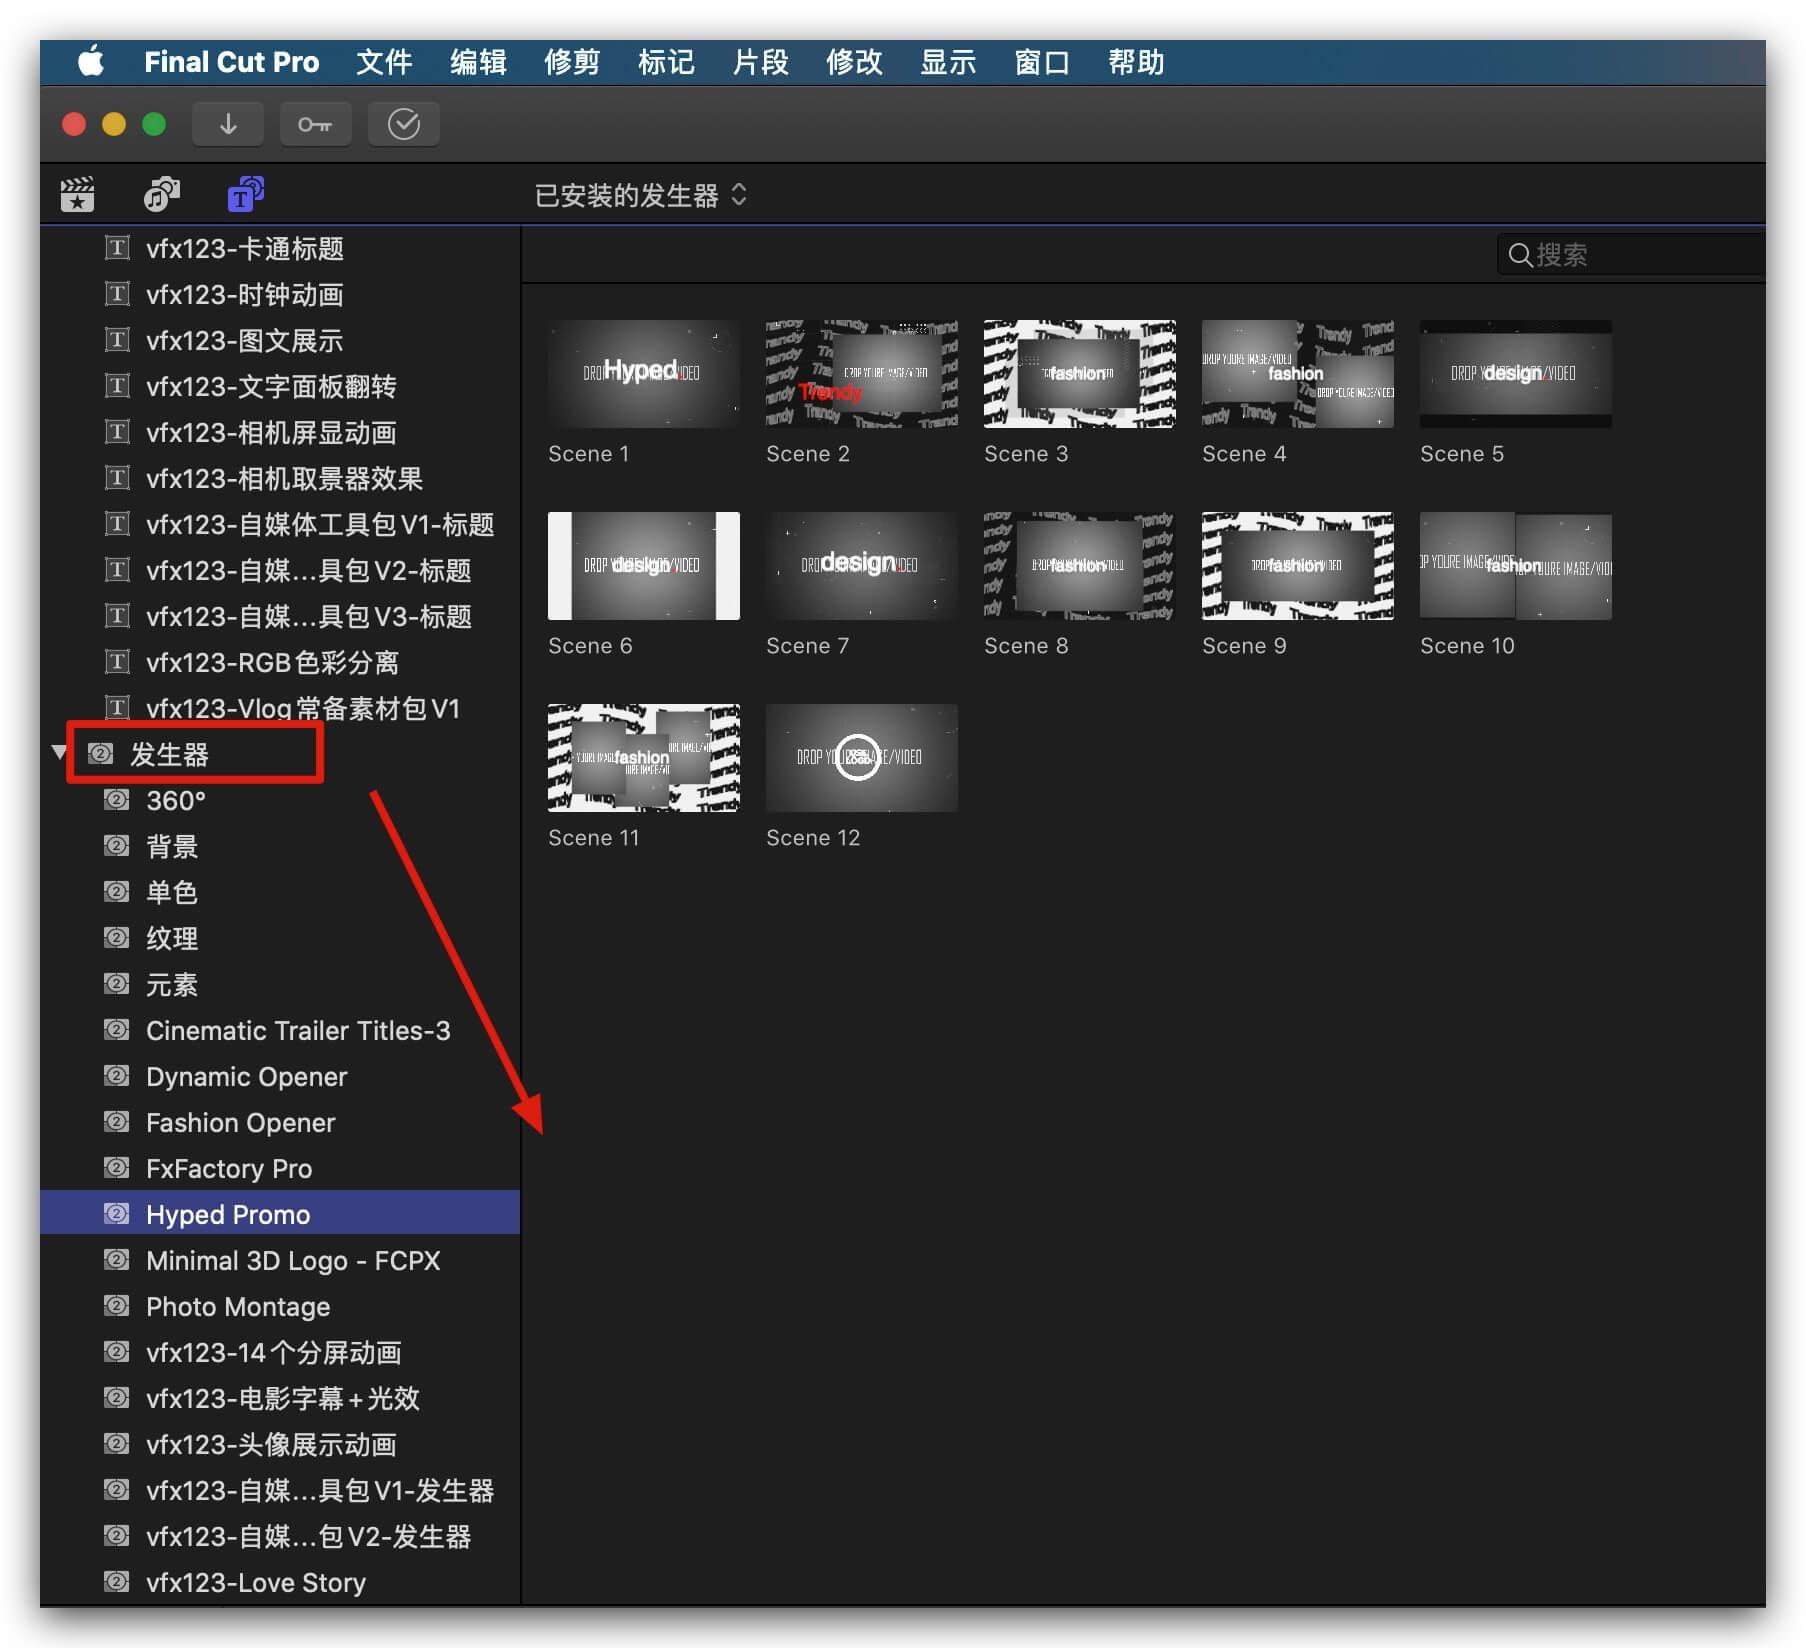 fcpx主题模板 12个流行预告片分镜可自由组合 Hyped Promo